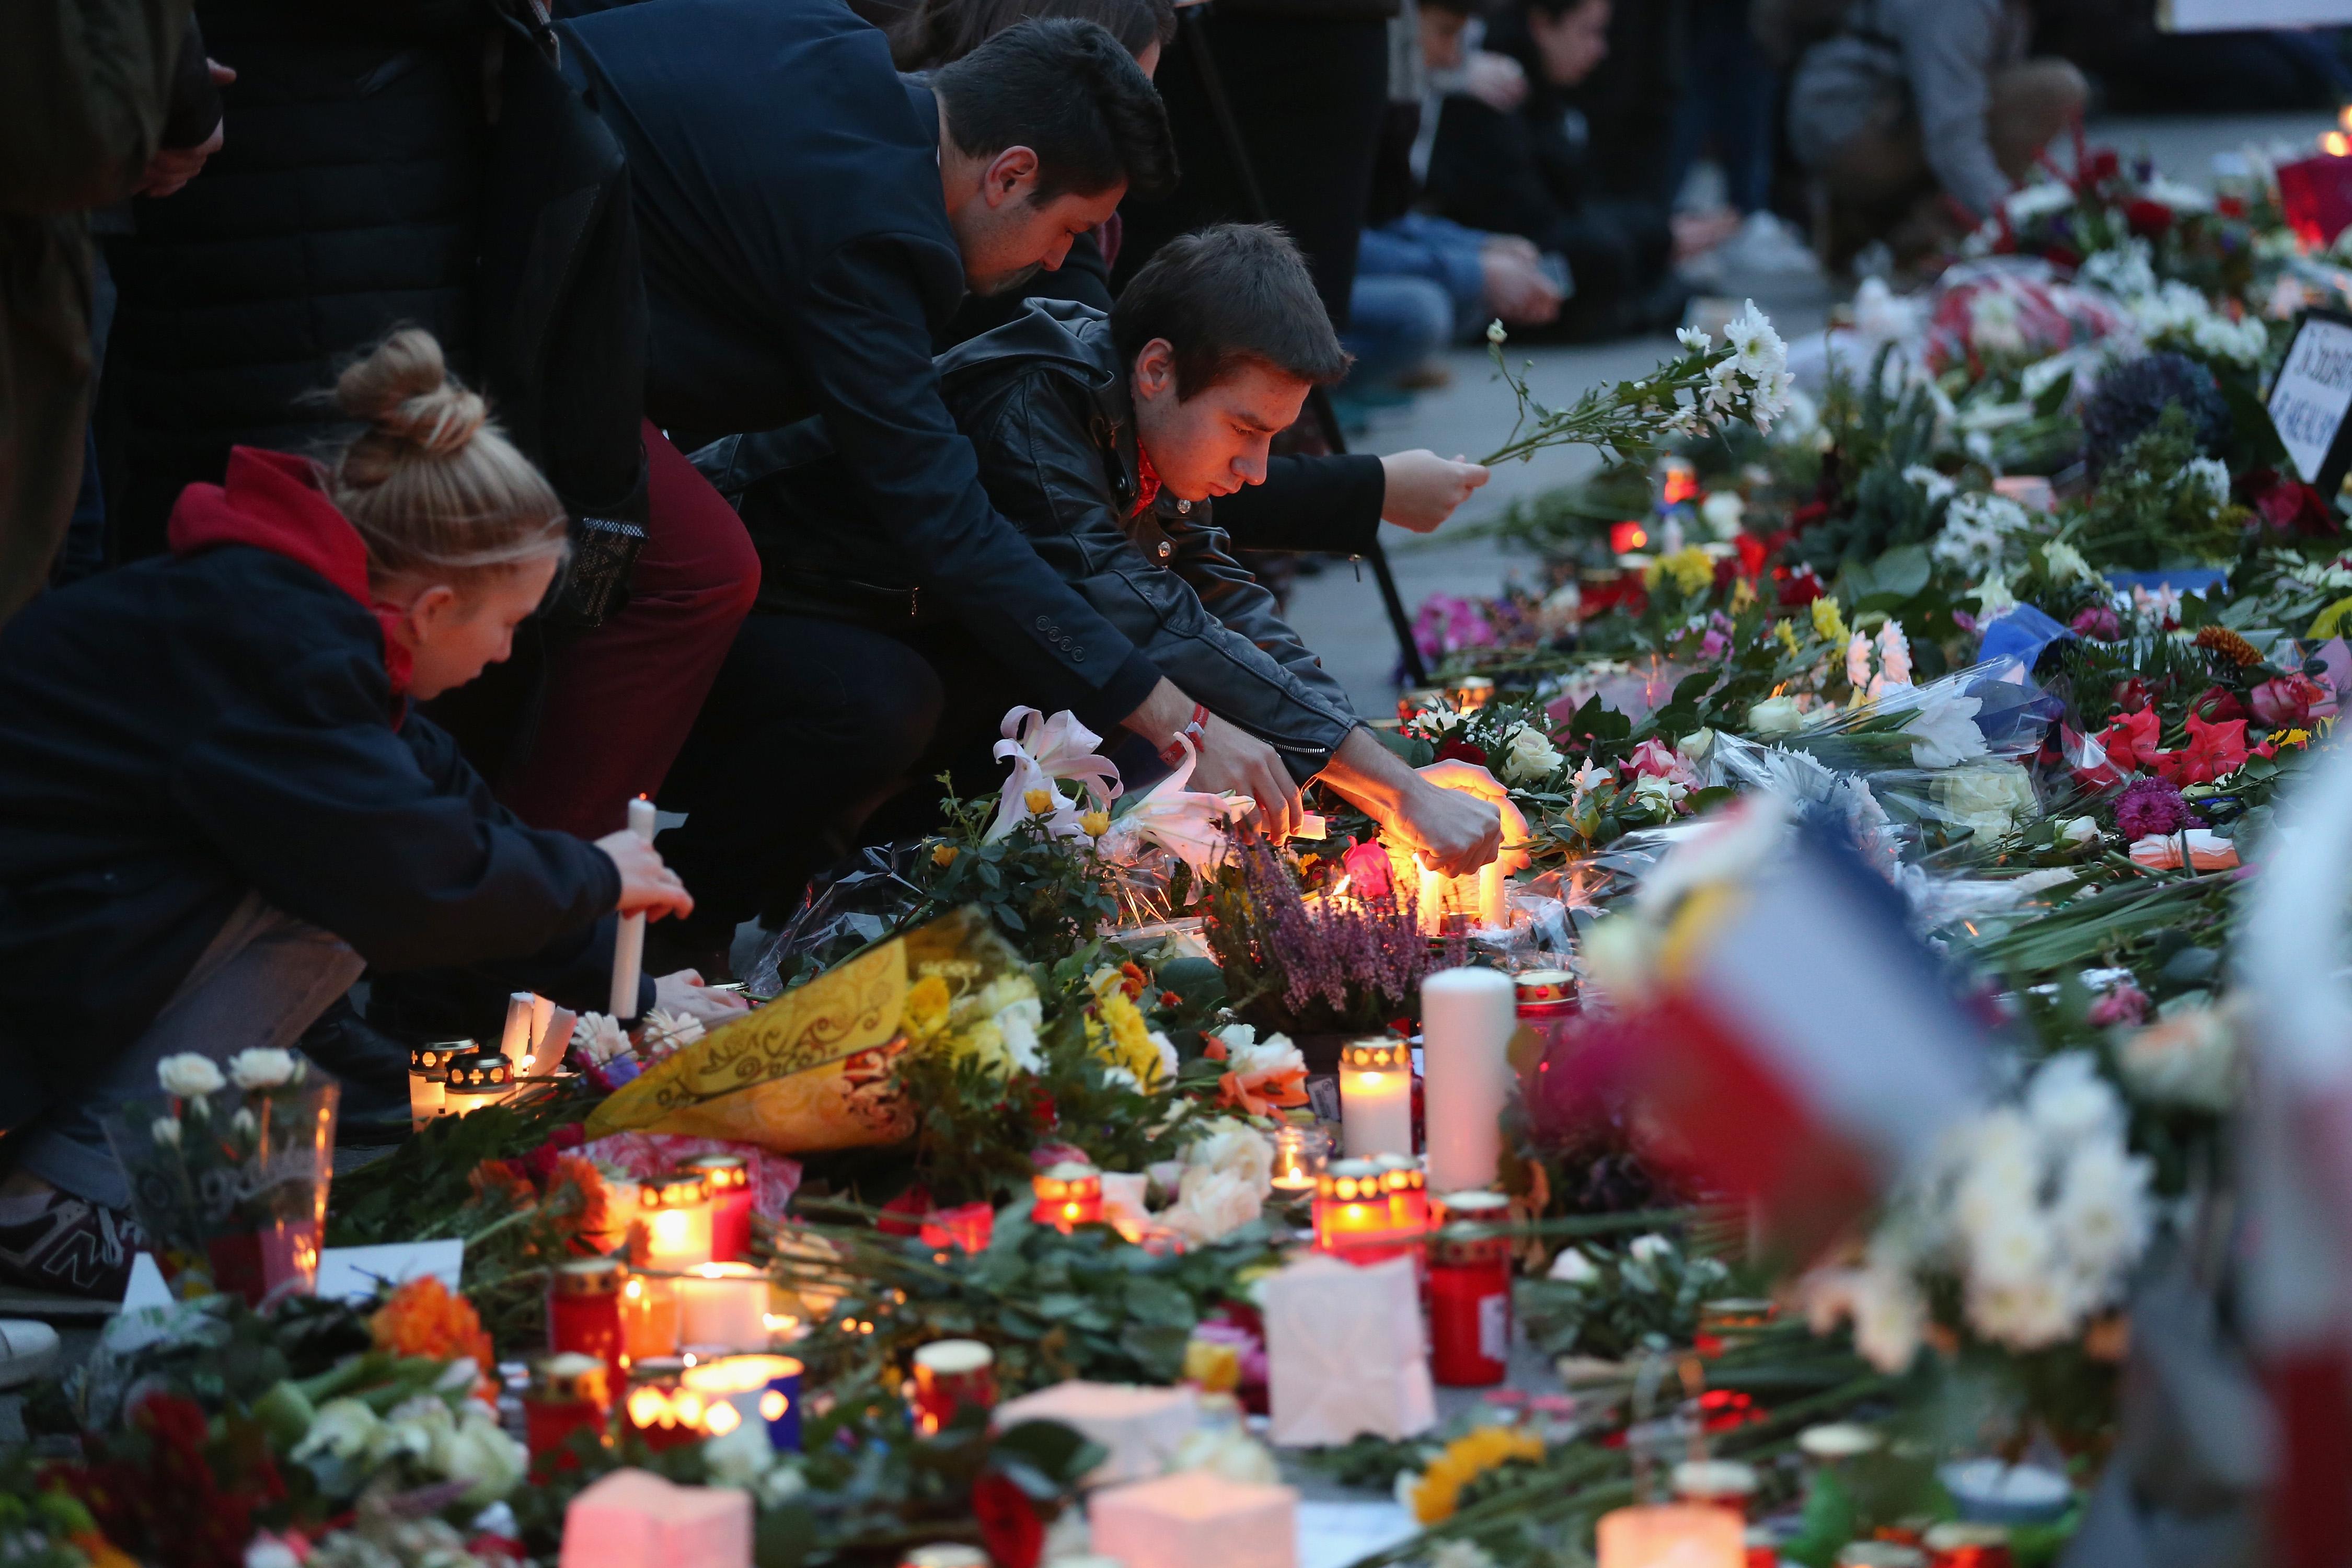 Ľudia nielen v Paríži, ale po celom svete vyjadrujú ľútosť nad obeťami moslimských teroristov. (Foto: Sean Gallup)